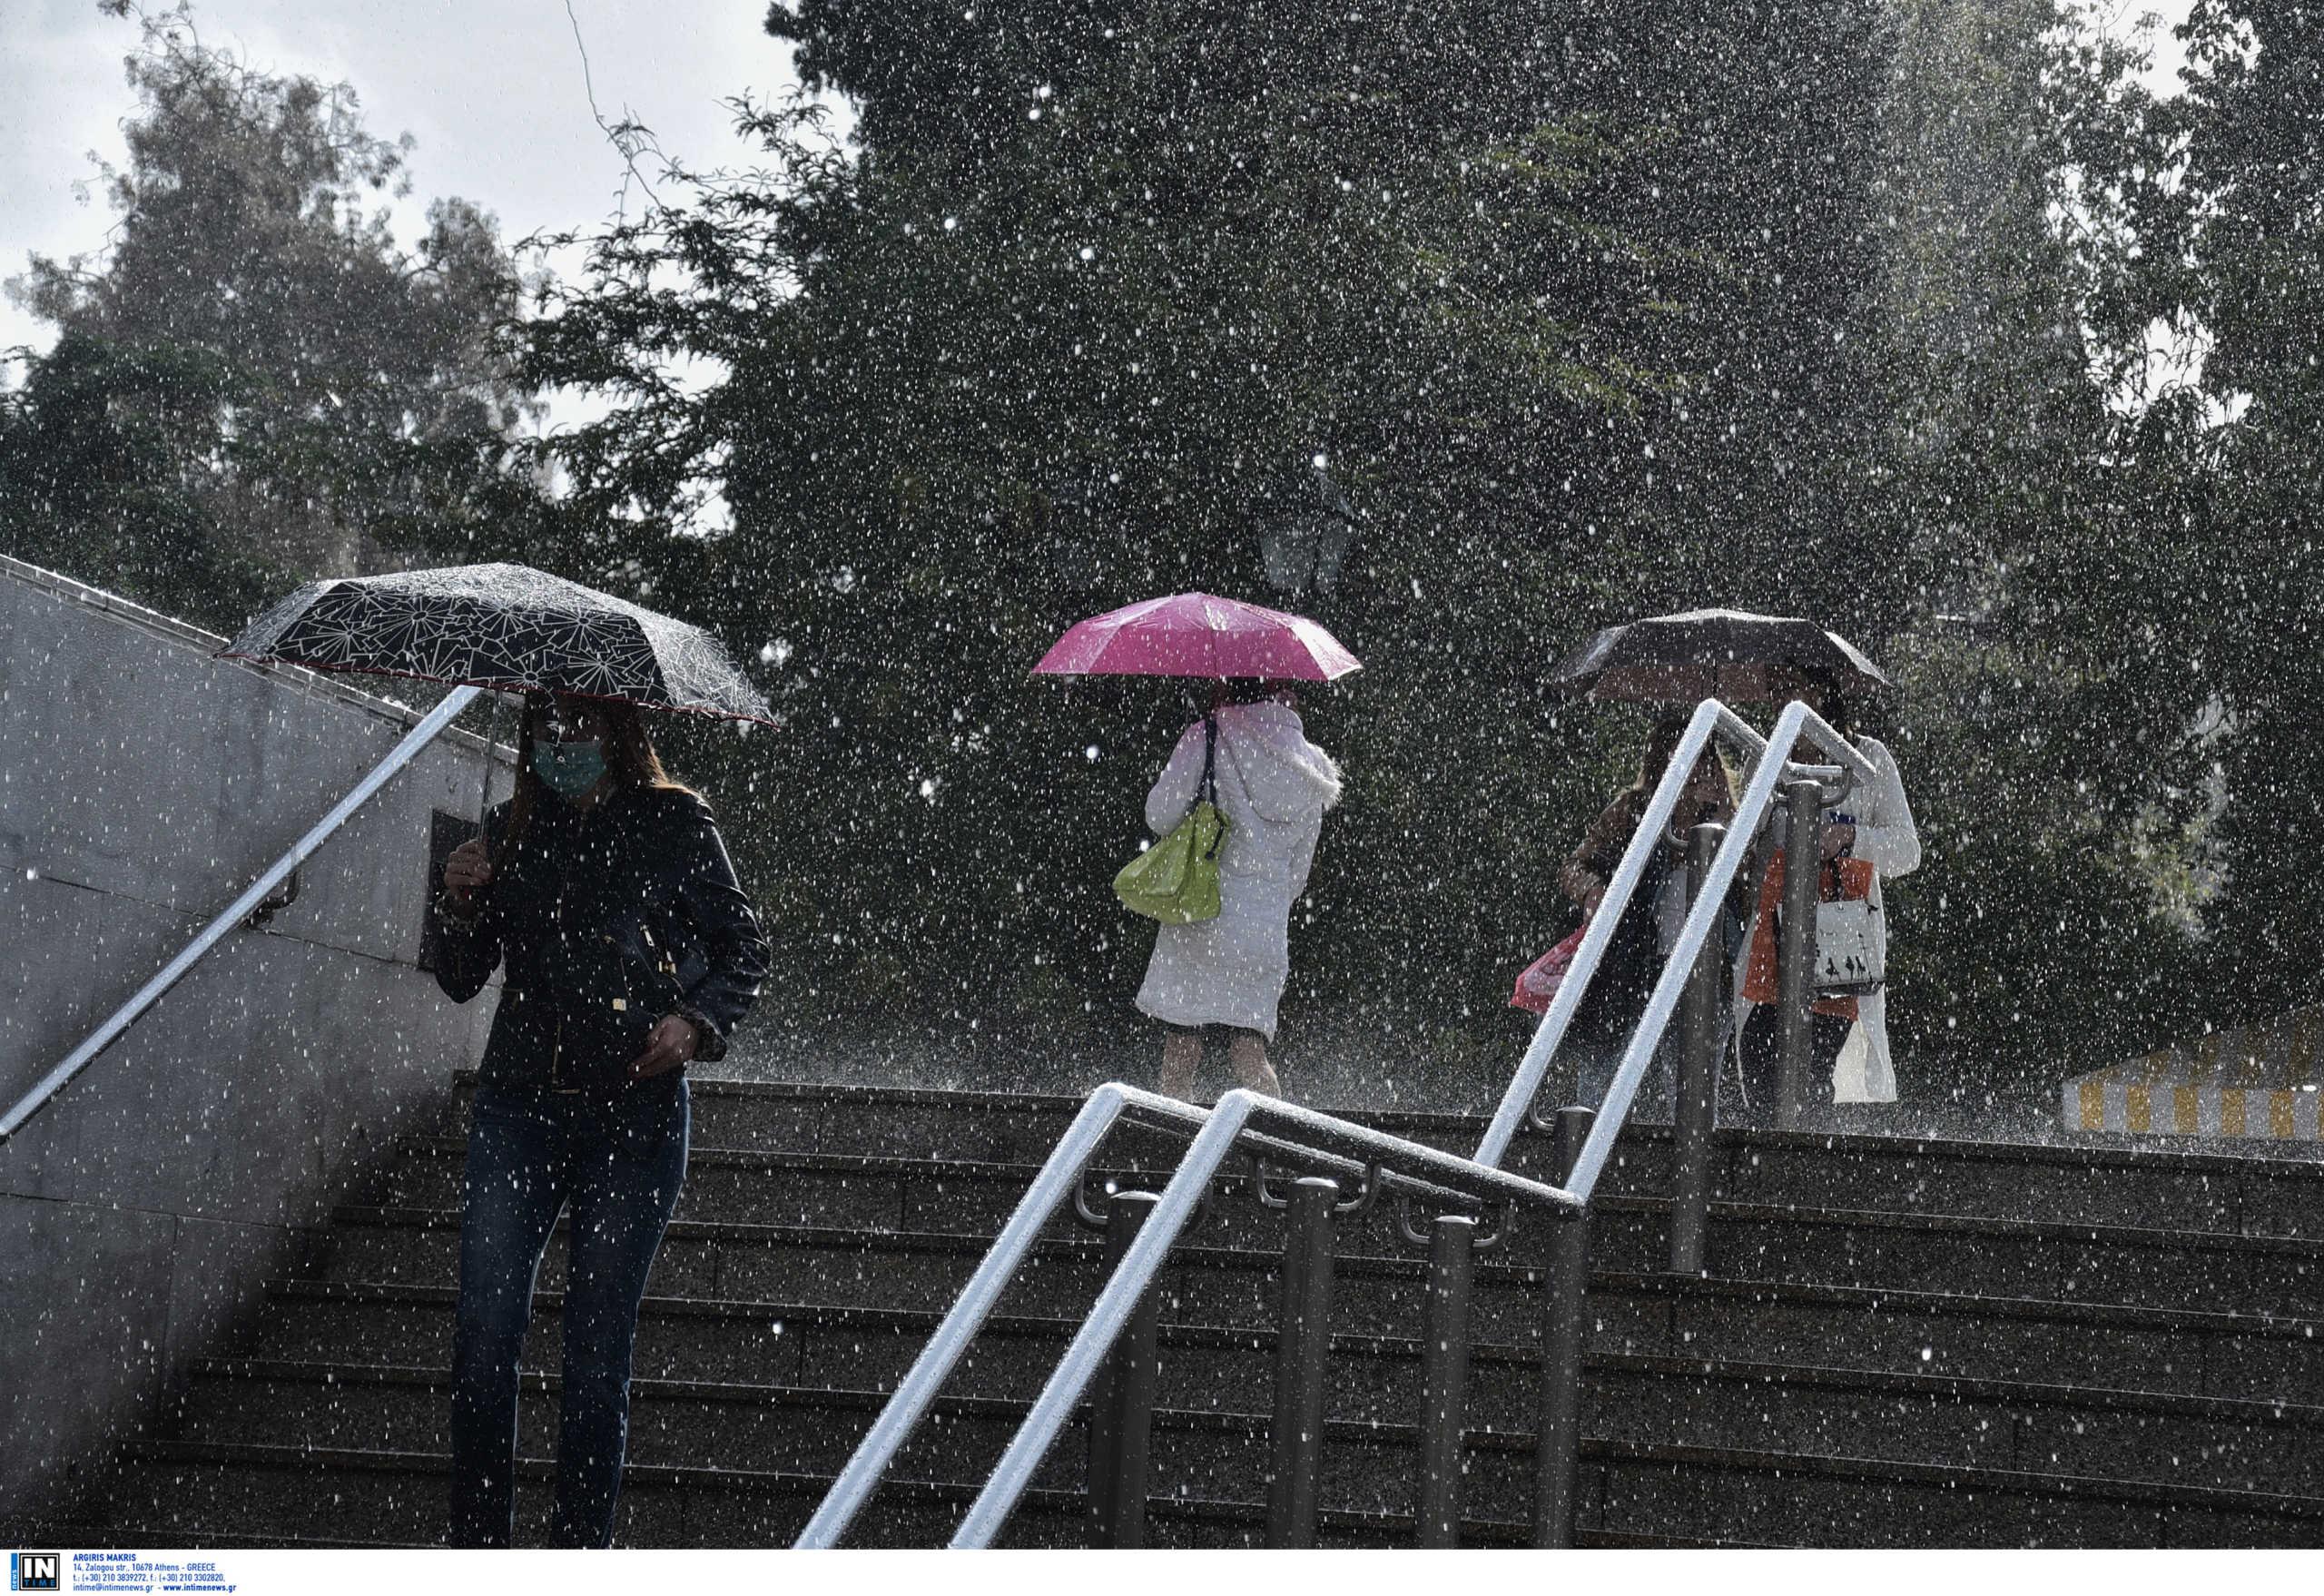 Καιρός σήμερα: Συννεφιασμένη Κυριακή – Σε ποιες περιοχές θα βρέχει και πού θα χιονίζει